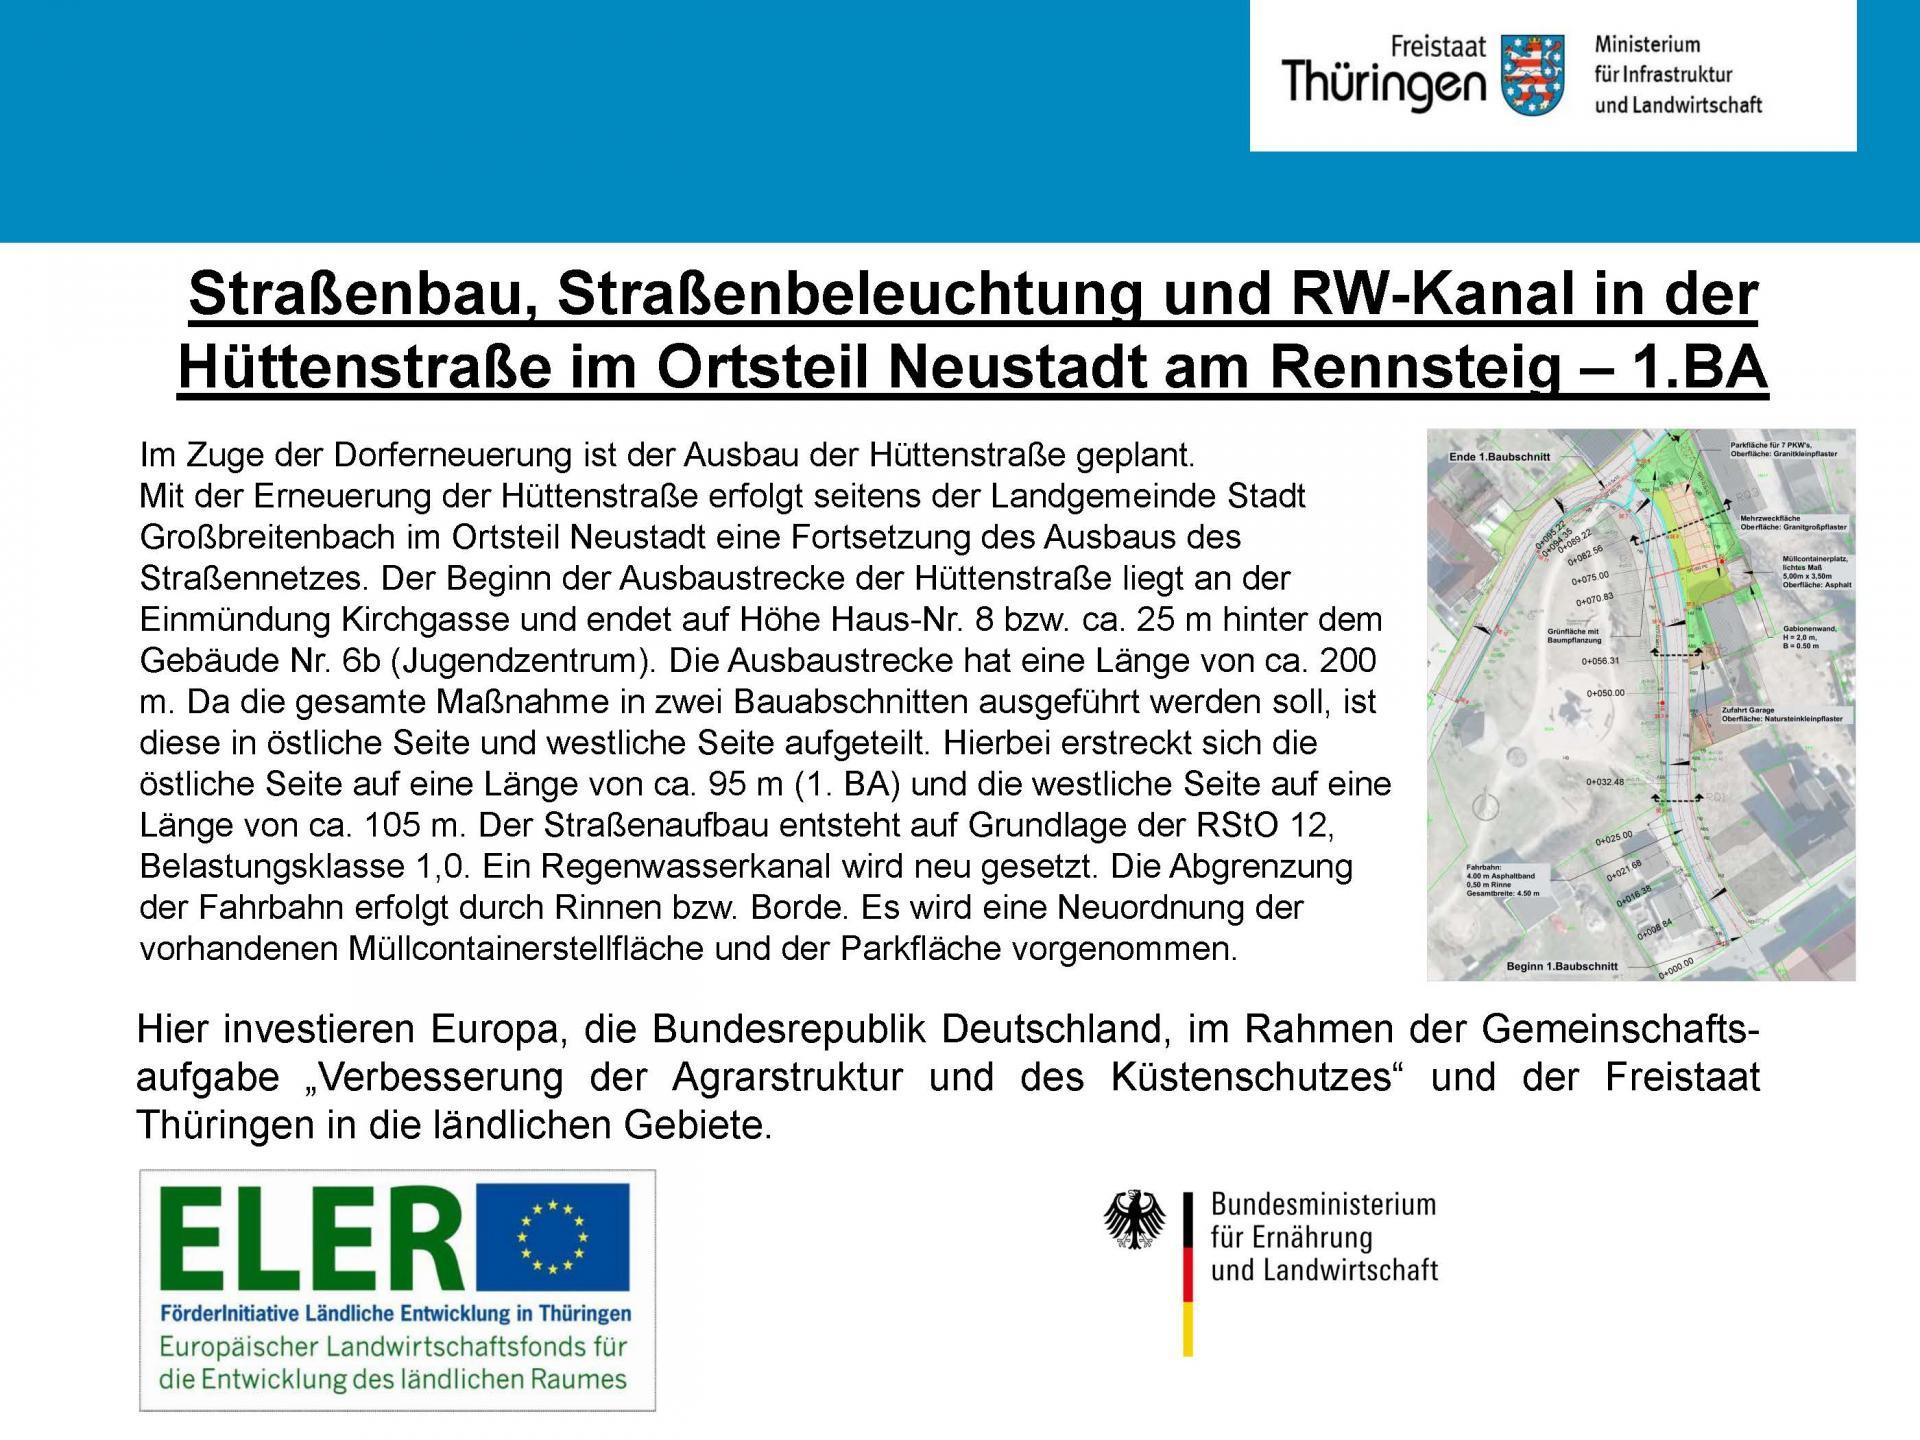 Straßenbau Hüttenstraße Neustadt a. Rstg.